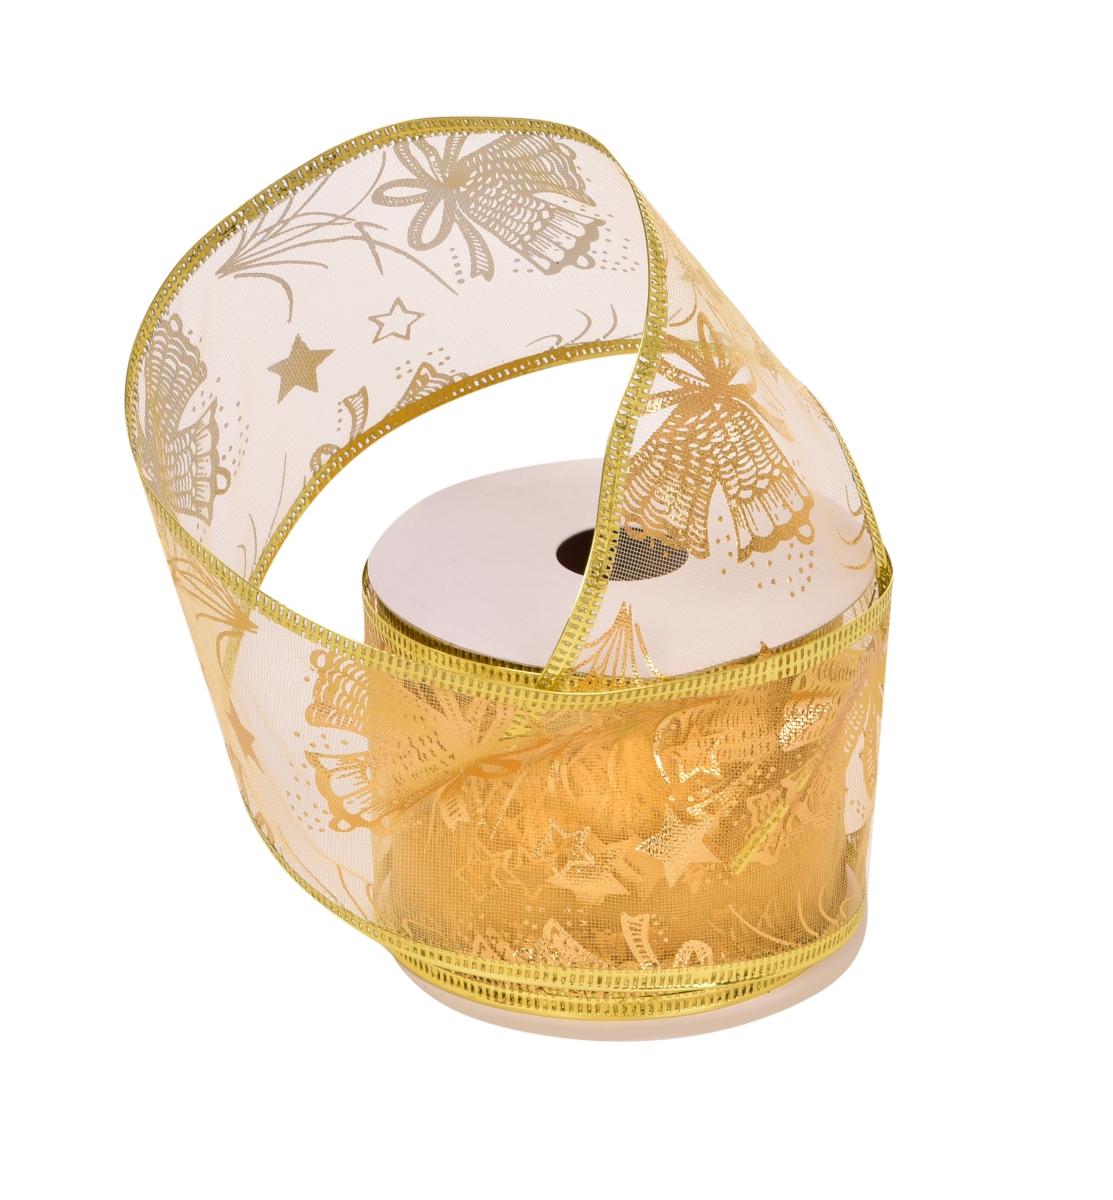 Dárková dekorační síťovaná stuha zlatá se zvonky s ozdobným motivem